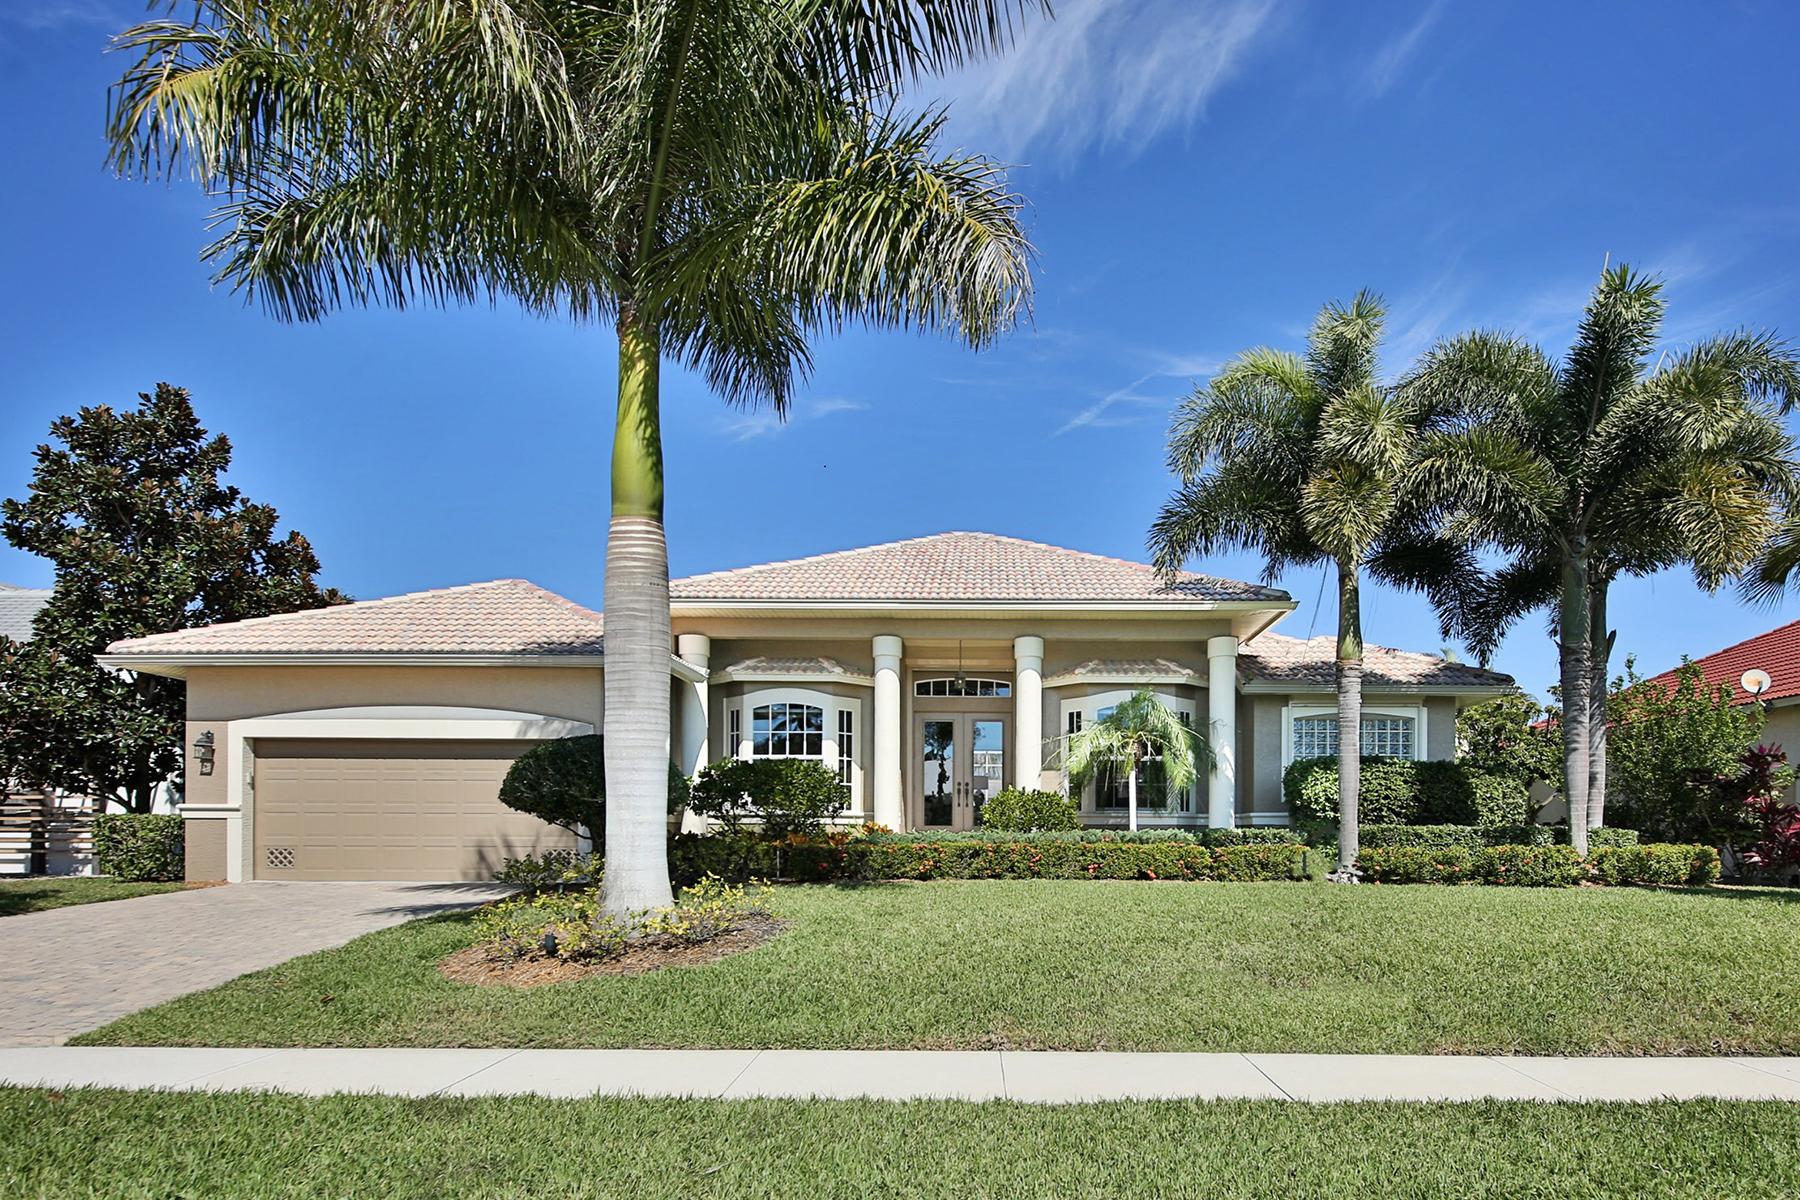 Casa para uma família para Venda às MARCO ISLAND 1806 Menorca Ct Marco Island, Florida, 34145 Estados Unidos